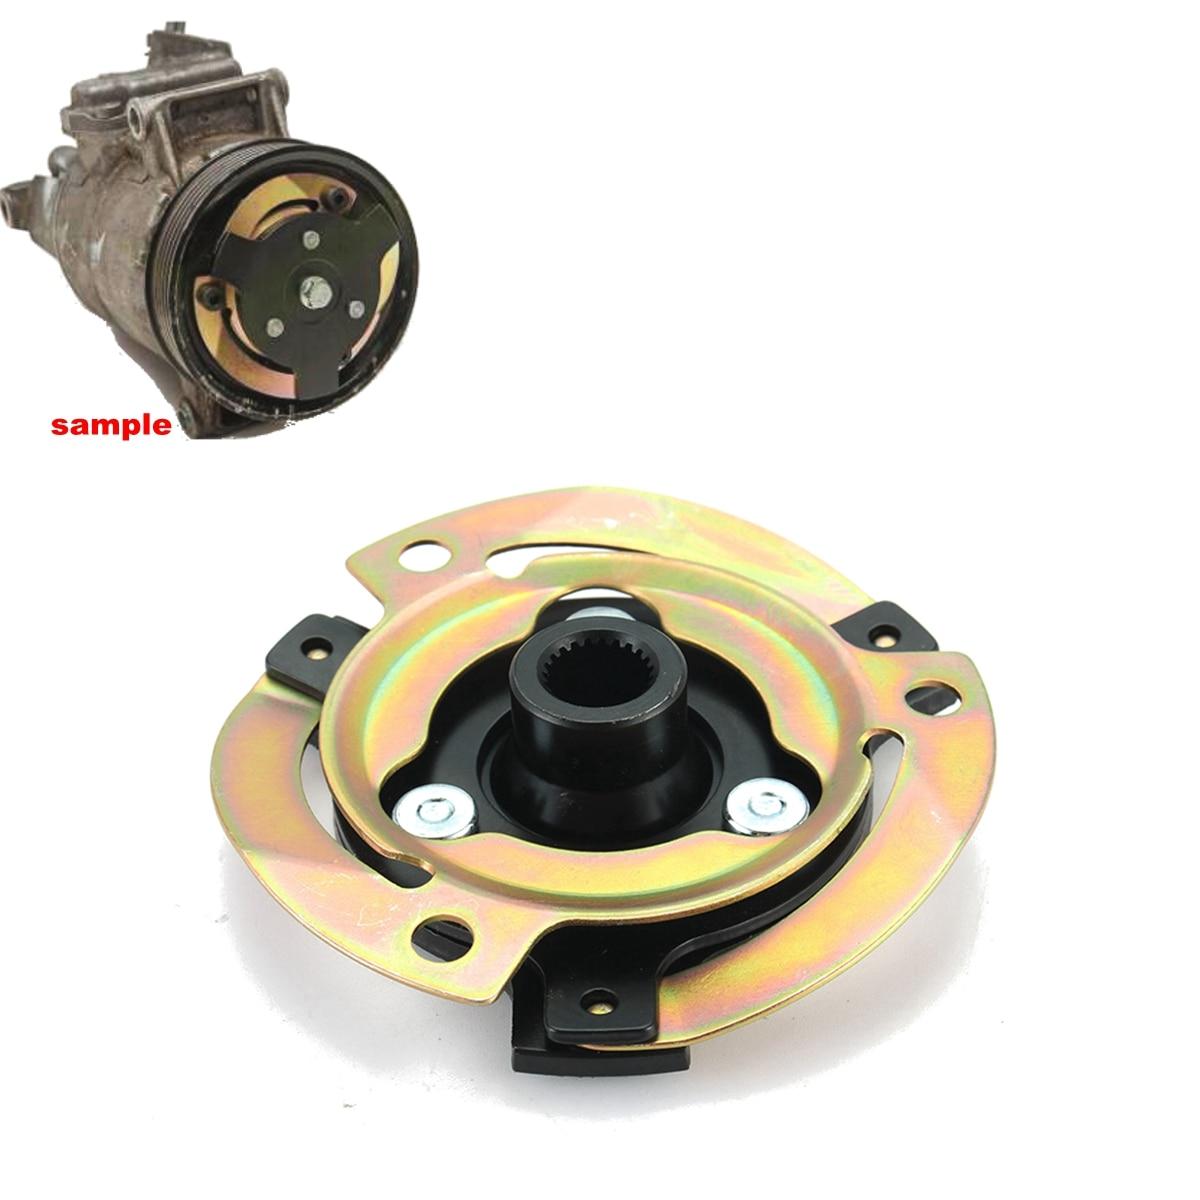 1 X Auto A/c Compressore Automobilistico Aria Condizionata Compressore Mozzo Frizione Kit Di Riparazione Per Audi/opel/ Volkswagen/vw Ap-ch013